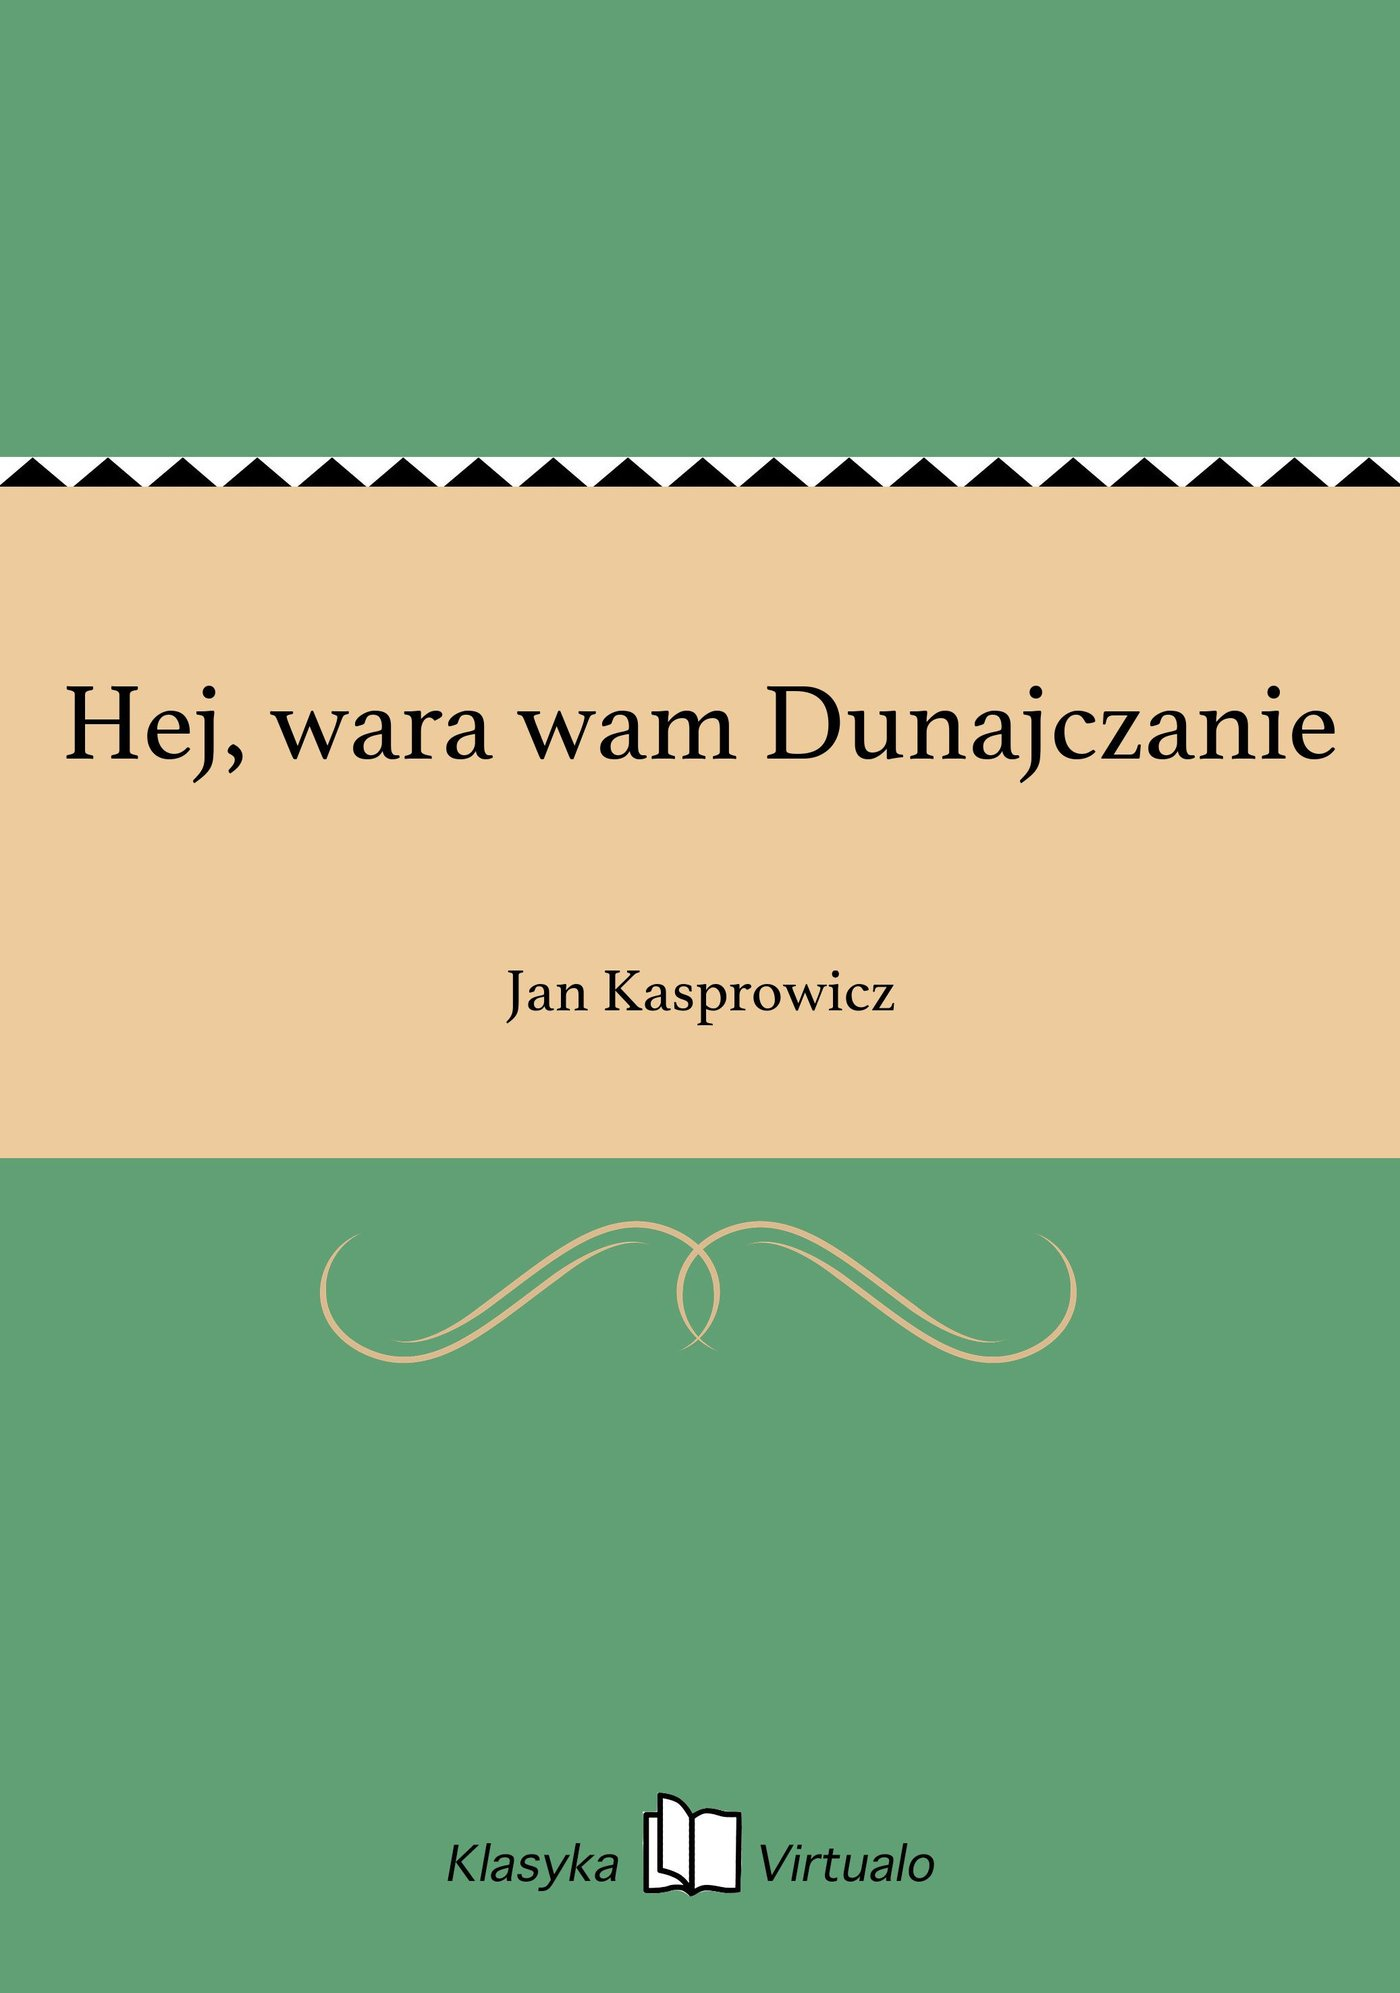 Hej, wara wam Dunajczanie - Ebook (Książka EPUB) do pobrania w formacie EPUB